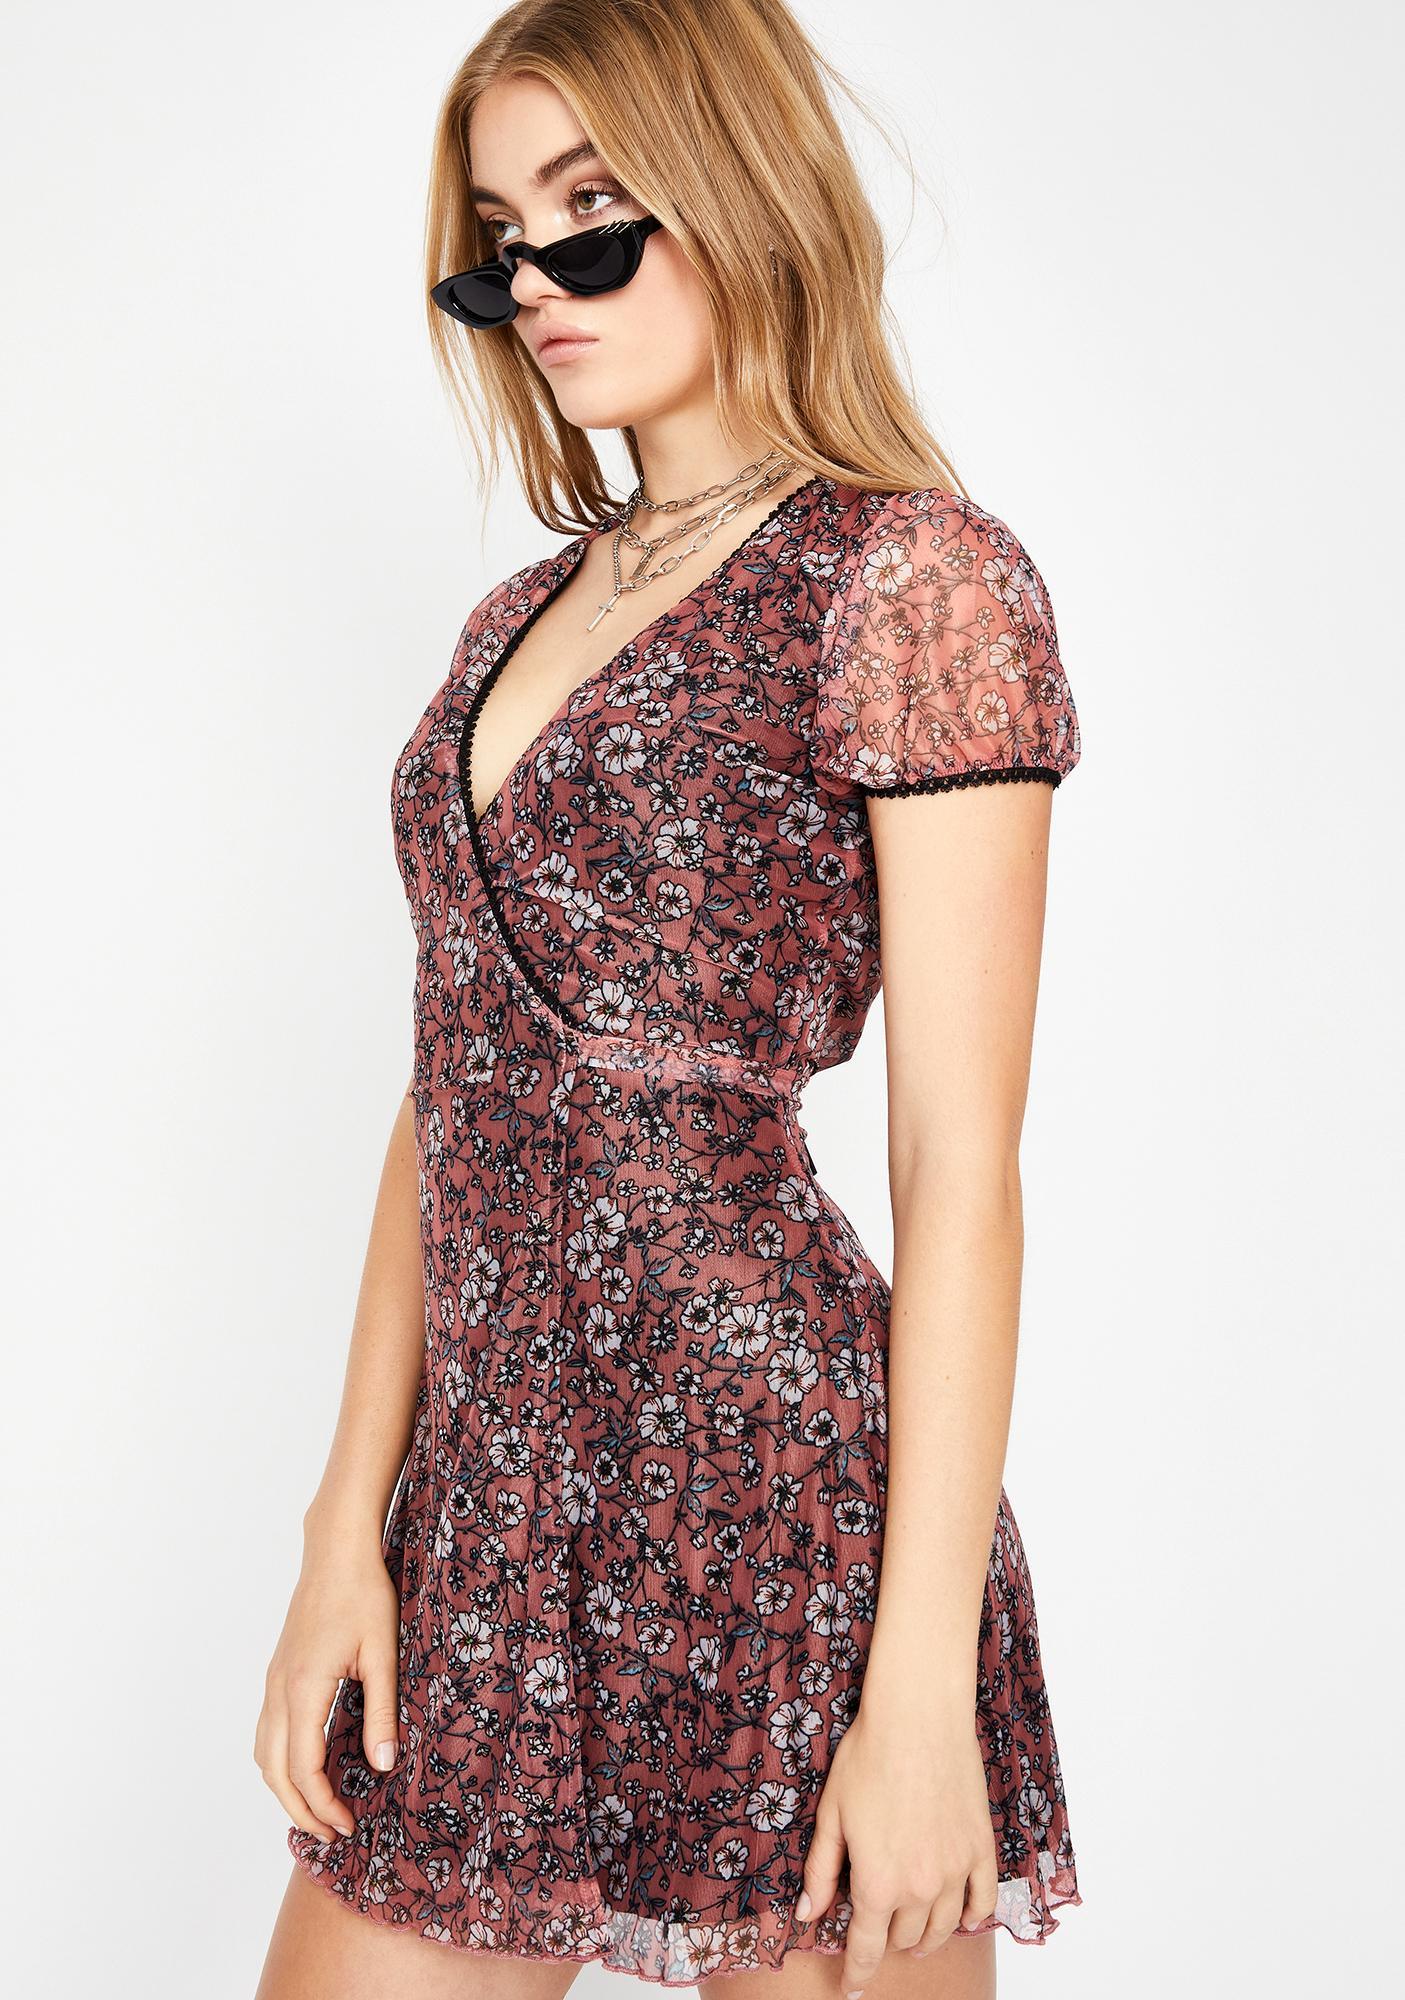 Spring Fling Floral Dress